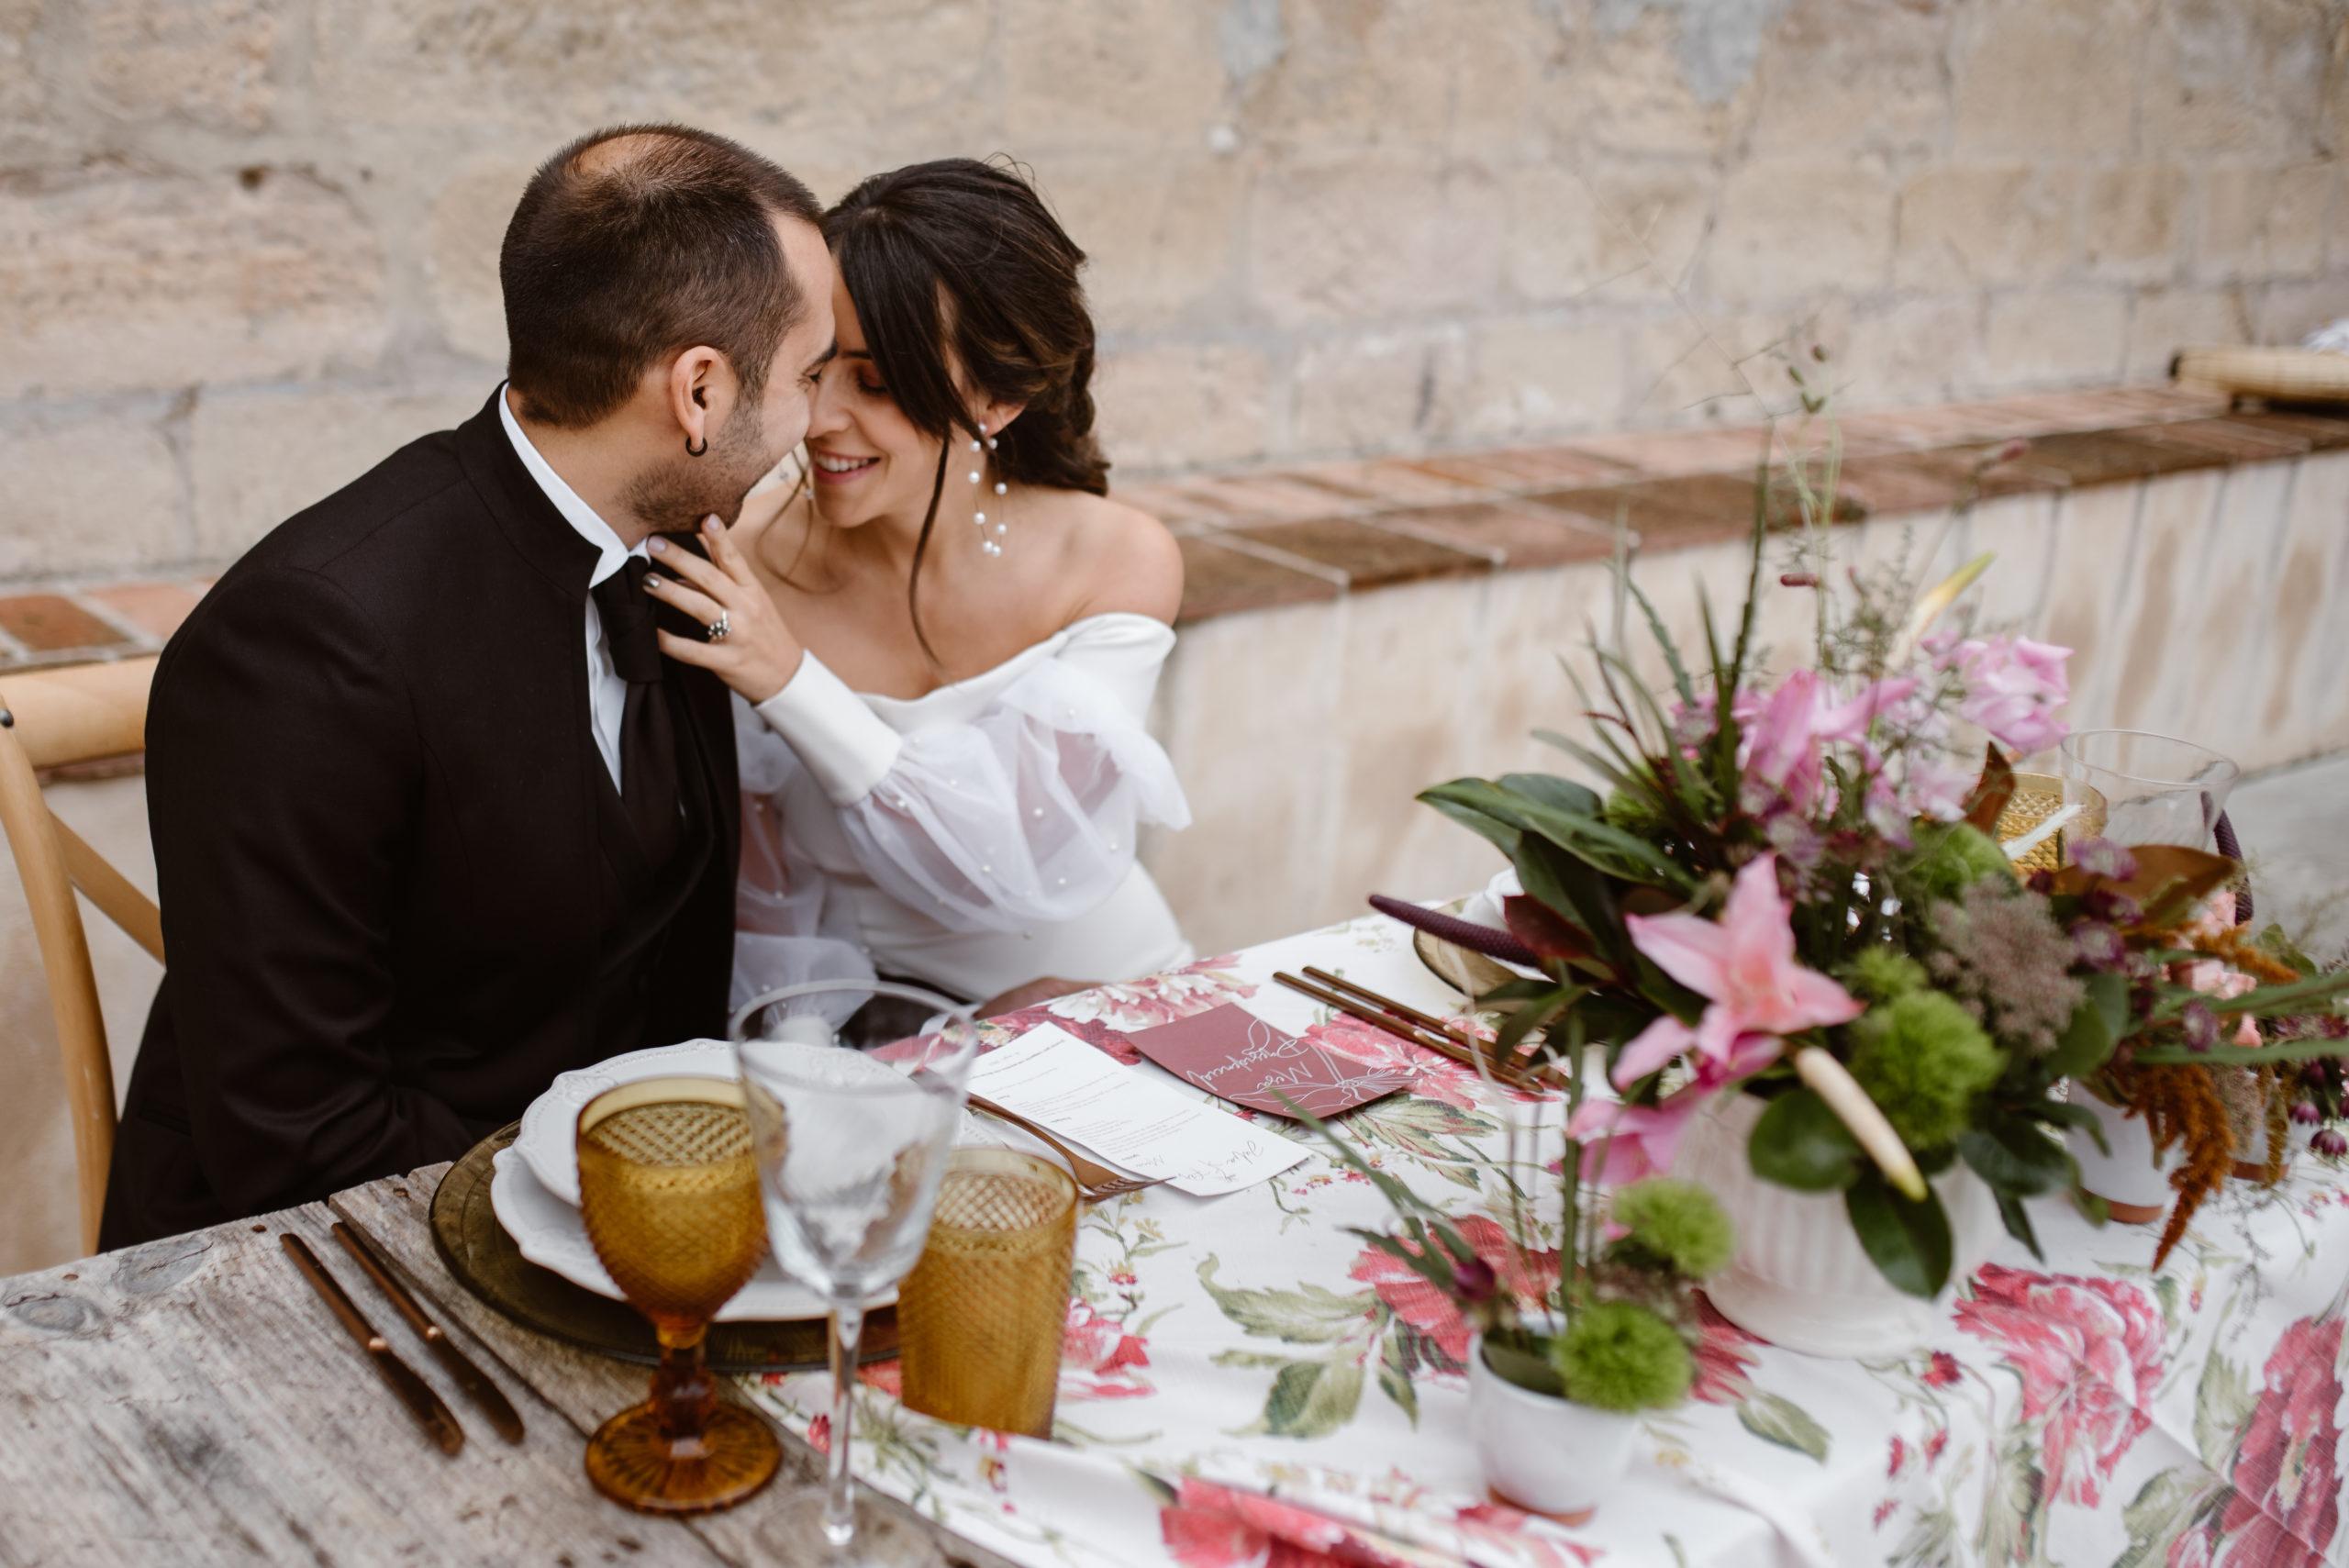 Novia acaricia al novio en la mejilla durante el banquete nupcial íntimo